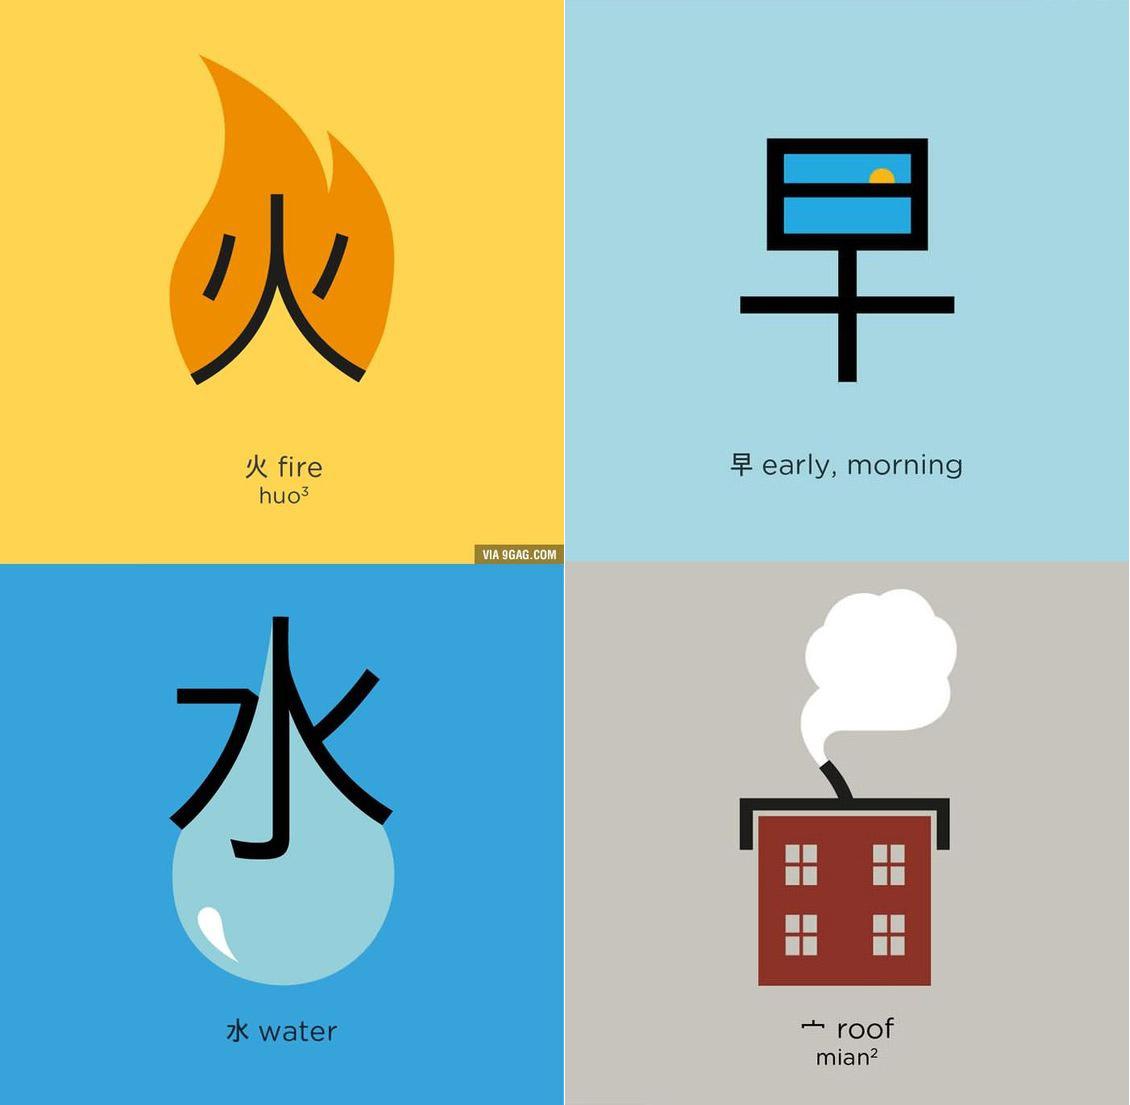 ภาษาจีนเบื้องต้น